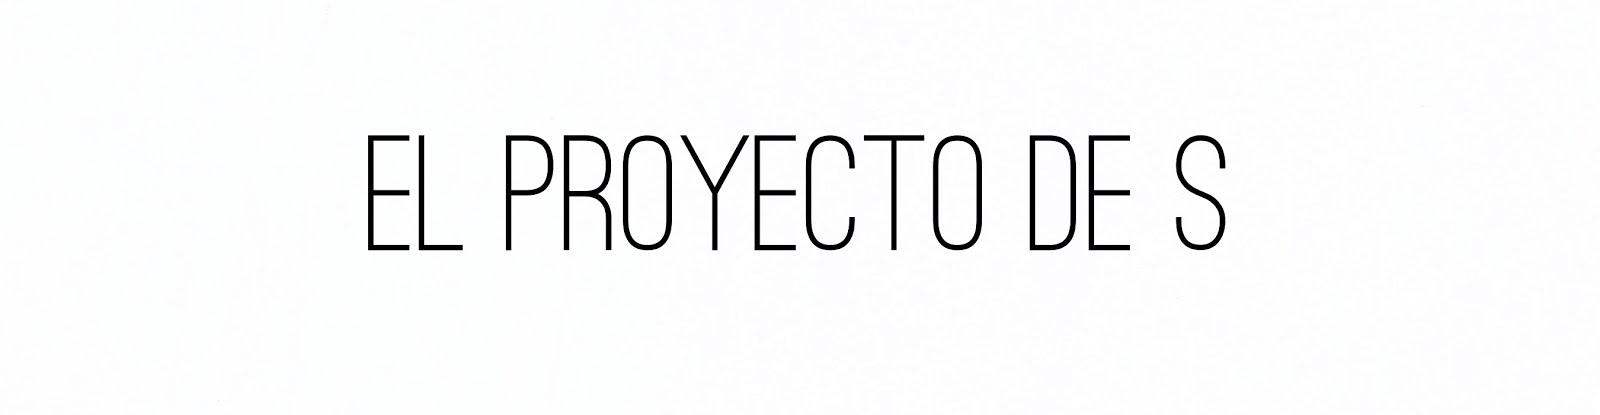 · El Proyecto de S ·